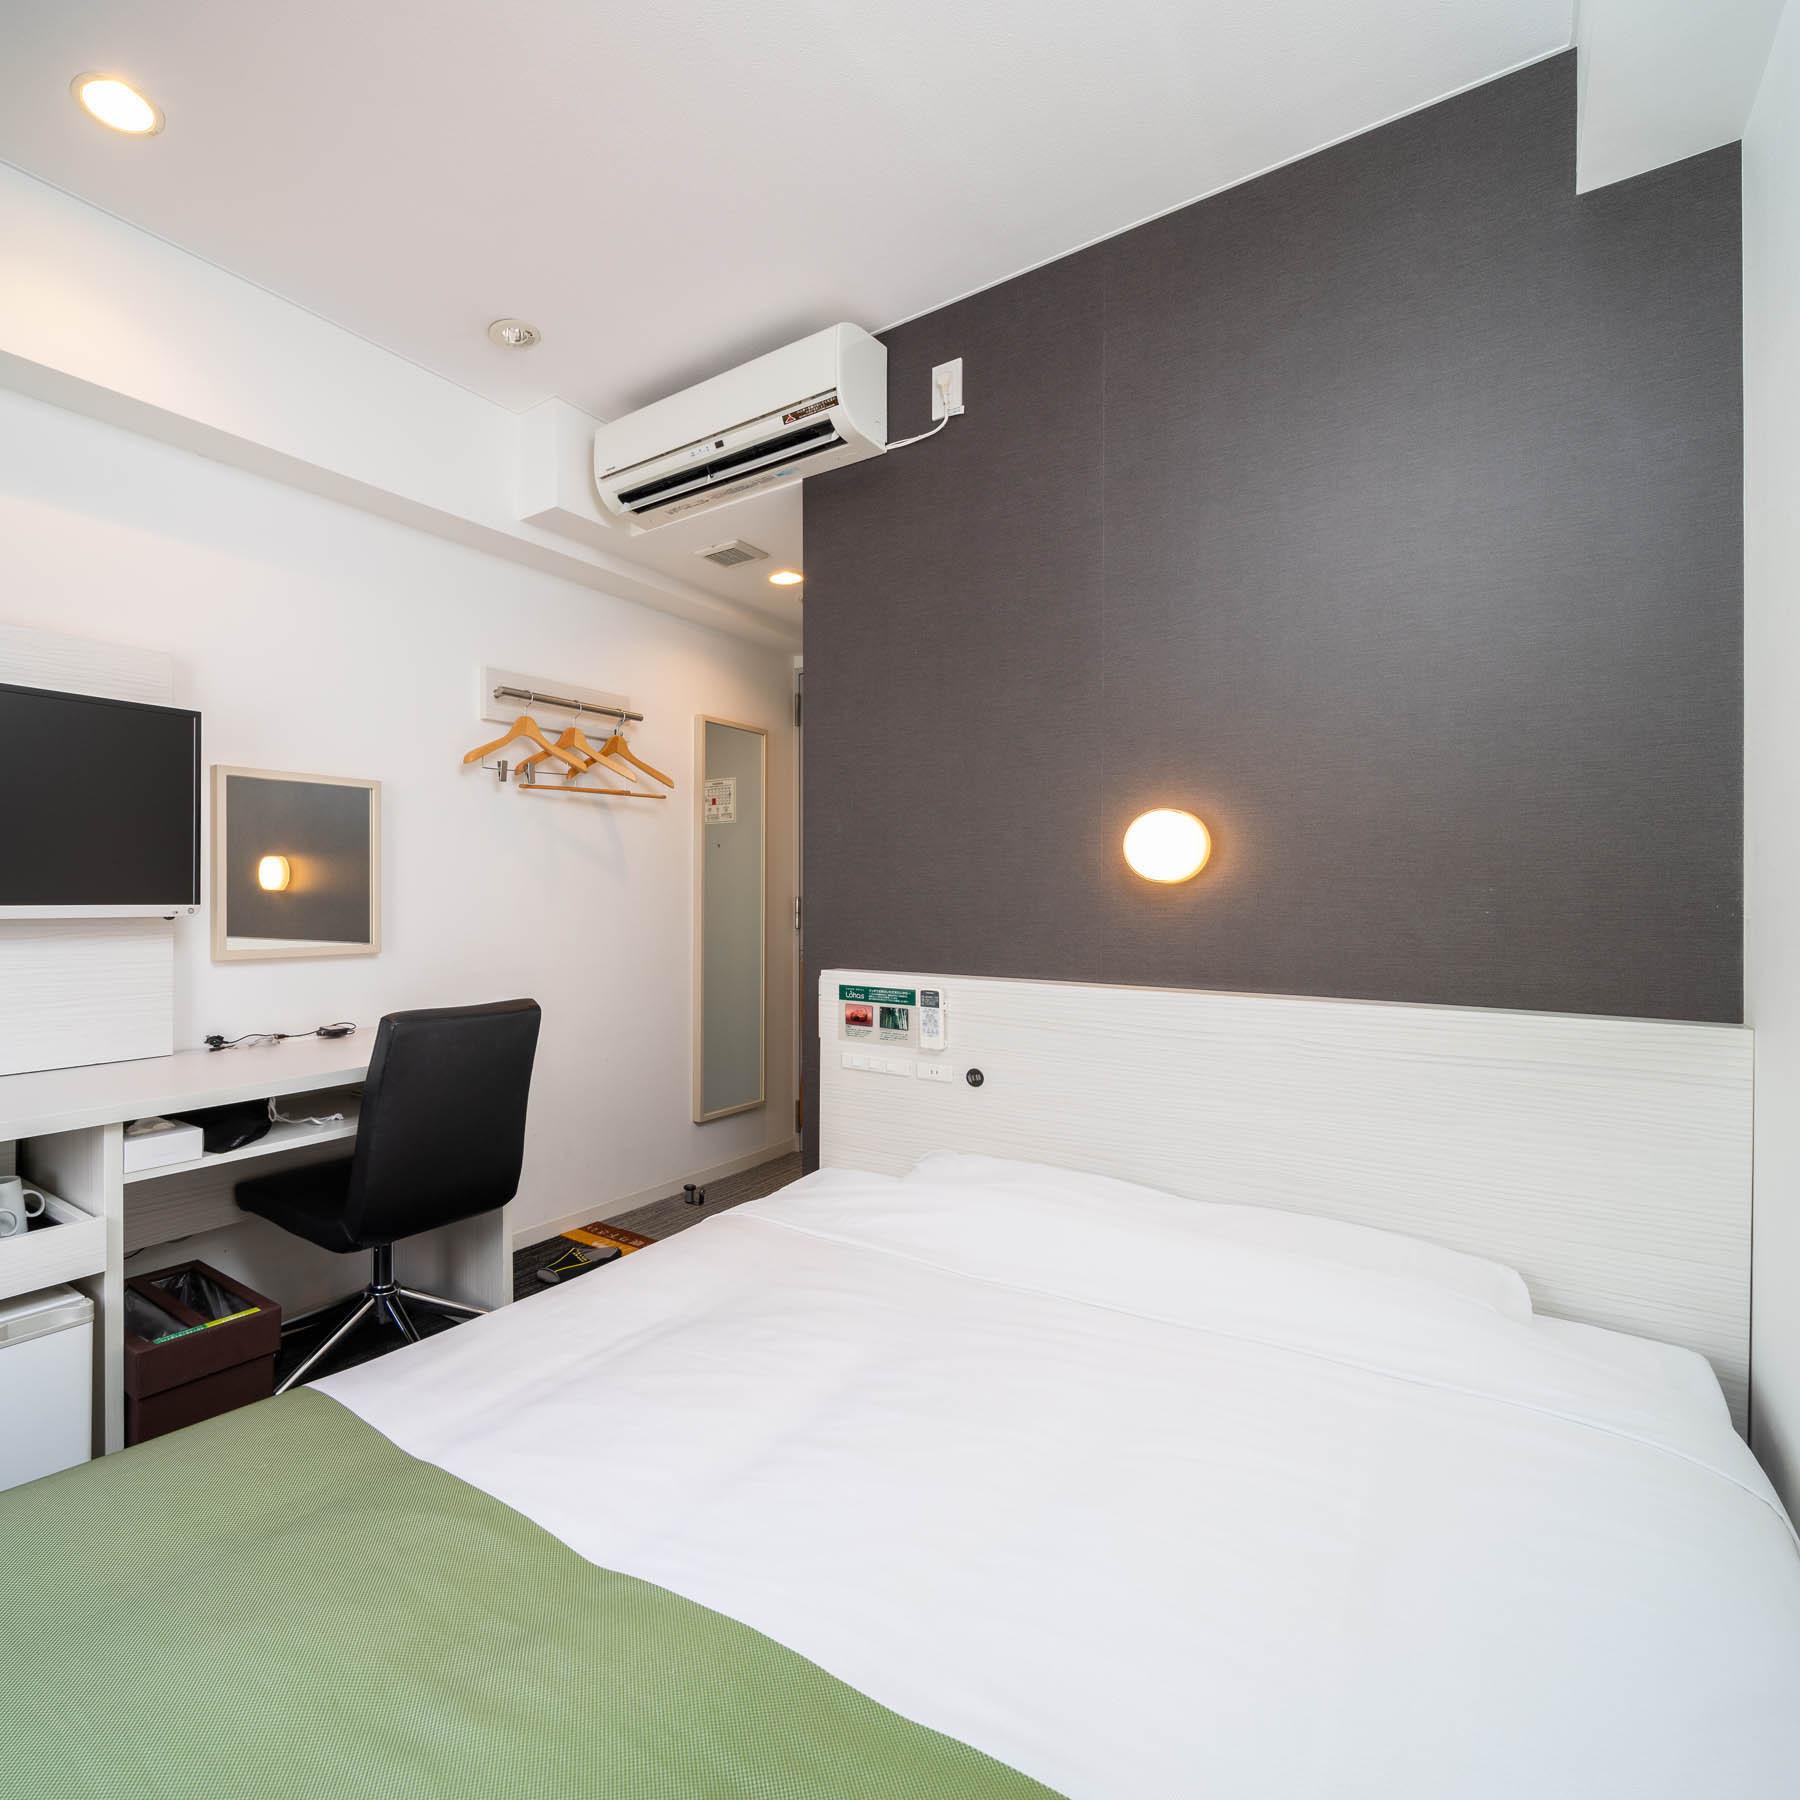 ダブルルーム☆眠りを追求した150cm幅のワイドベッドと適度な硬さのマットでぐっすり